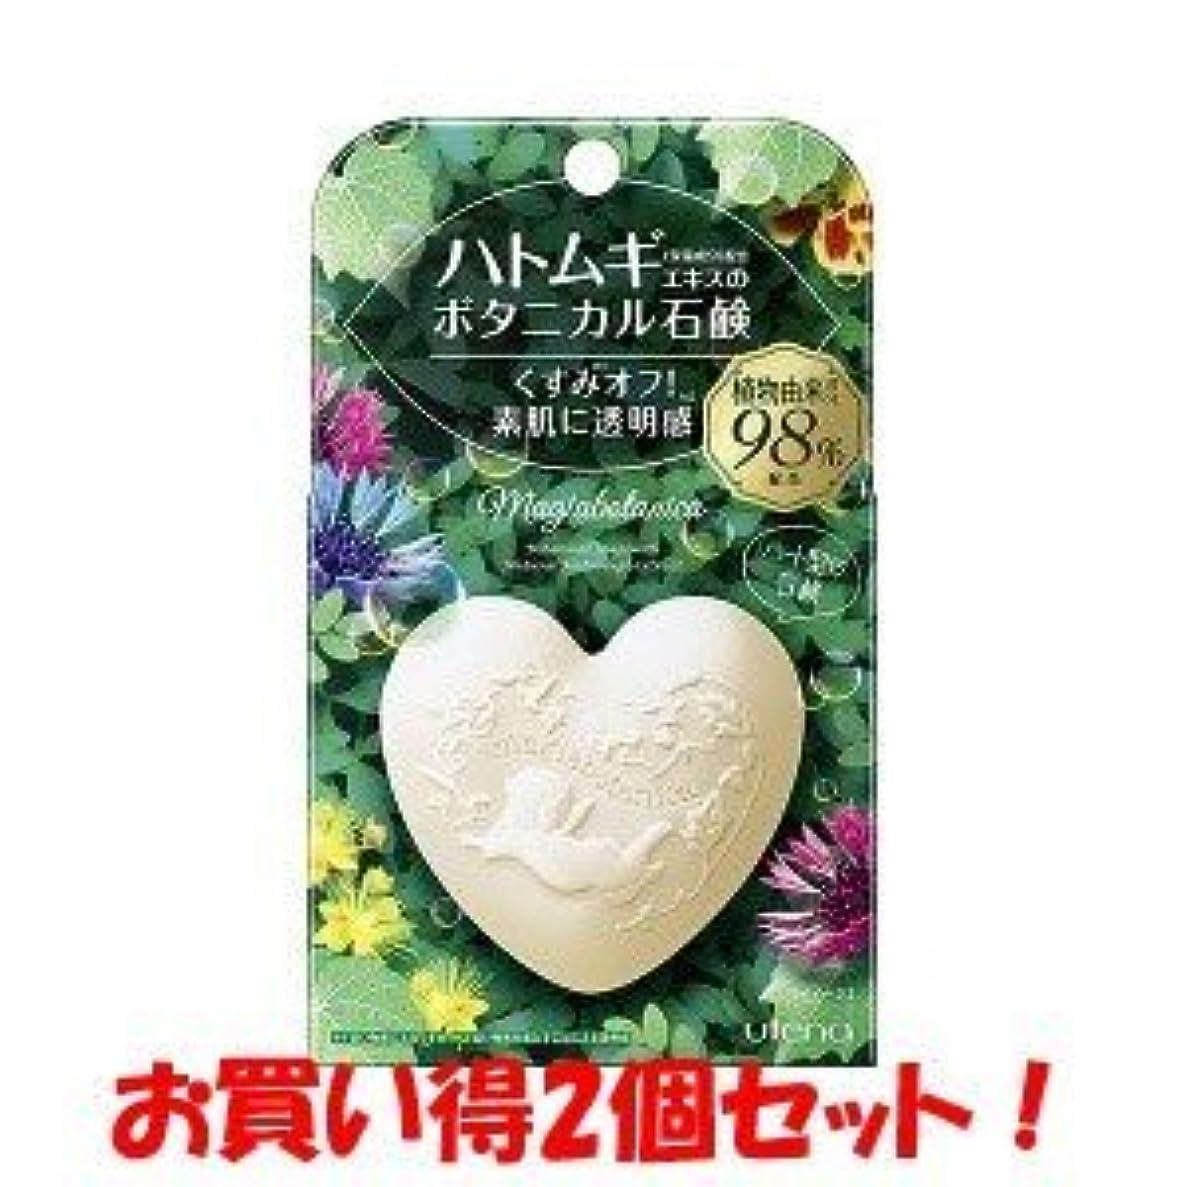 役に立つアーティキュレーション雇用者(ウテナ)マジアボタニカ ボタニカル石鹸 100g(お買い得2個セット)